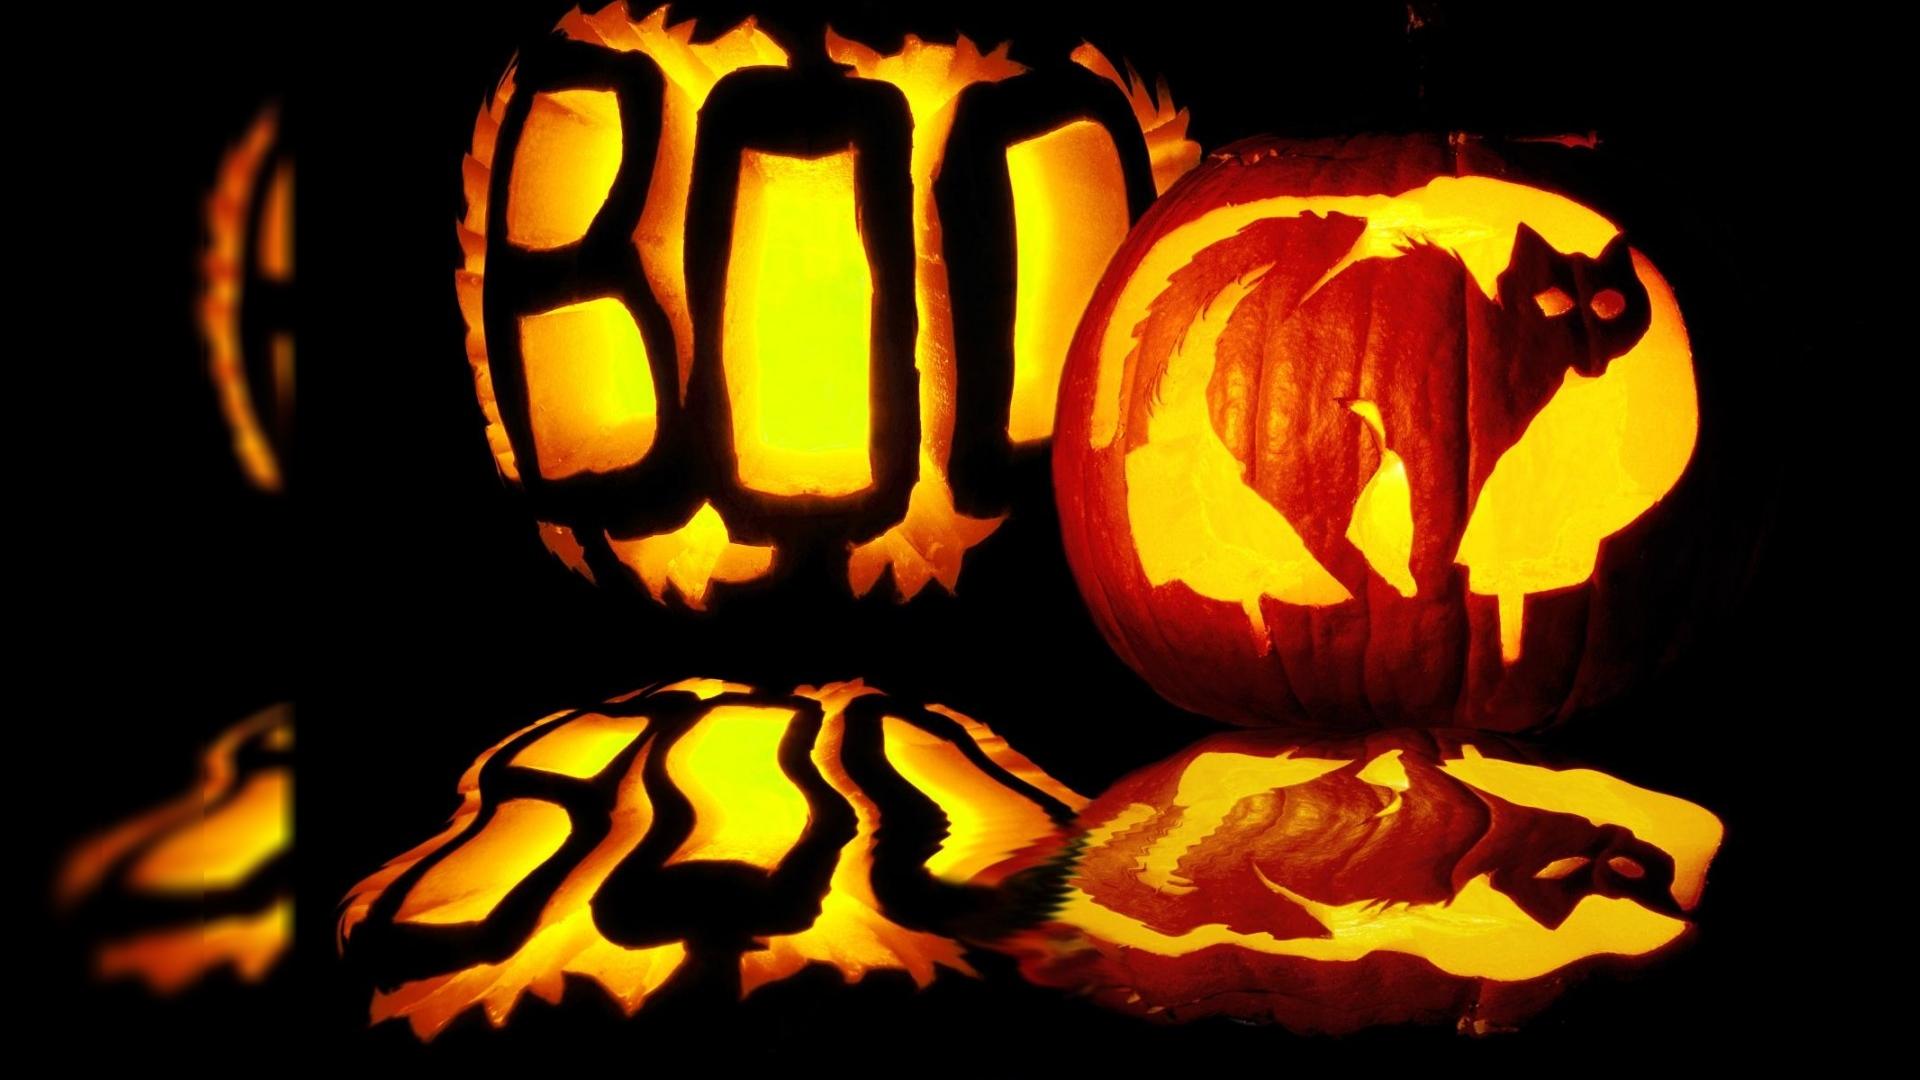 halloween desktop hd wallpaper wallpapers55com best wallpapers - Desktop Wallpaper Halloween